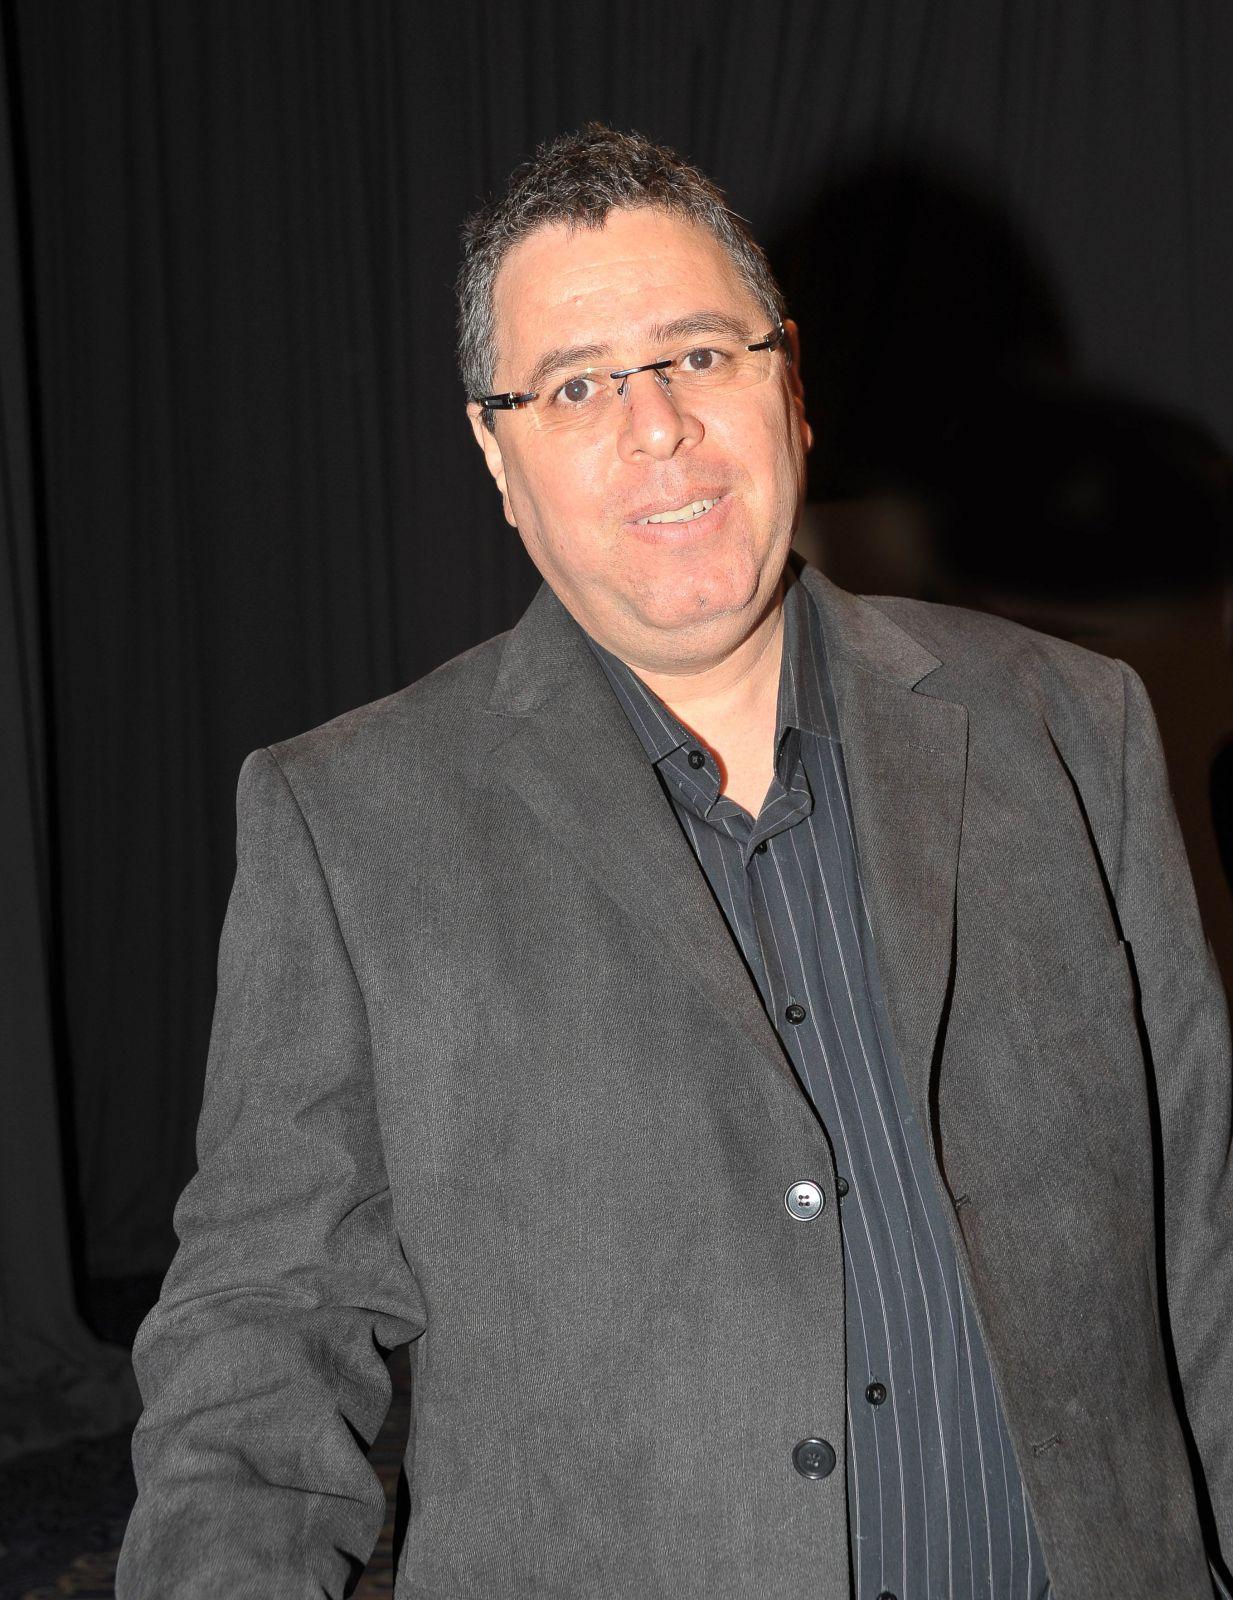 """עיתונאי """"גלובס"""" אלי ציפורי (צילום: תמר מצפי, """"גלובס"""")"""